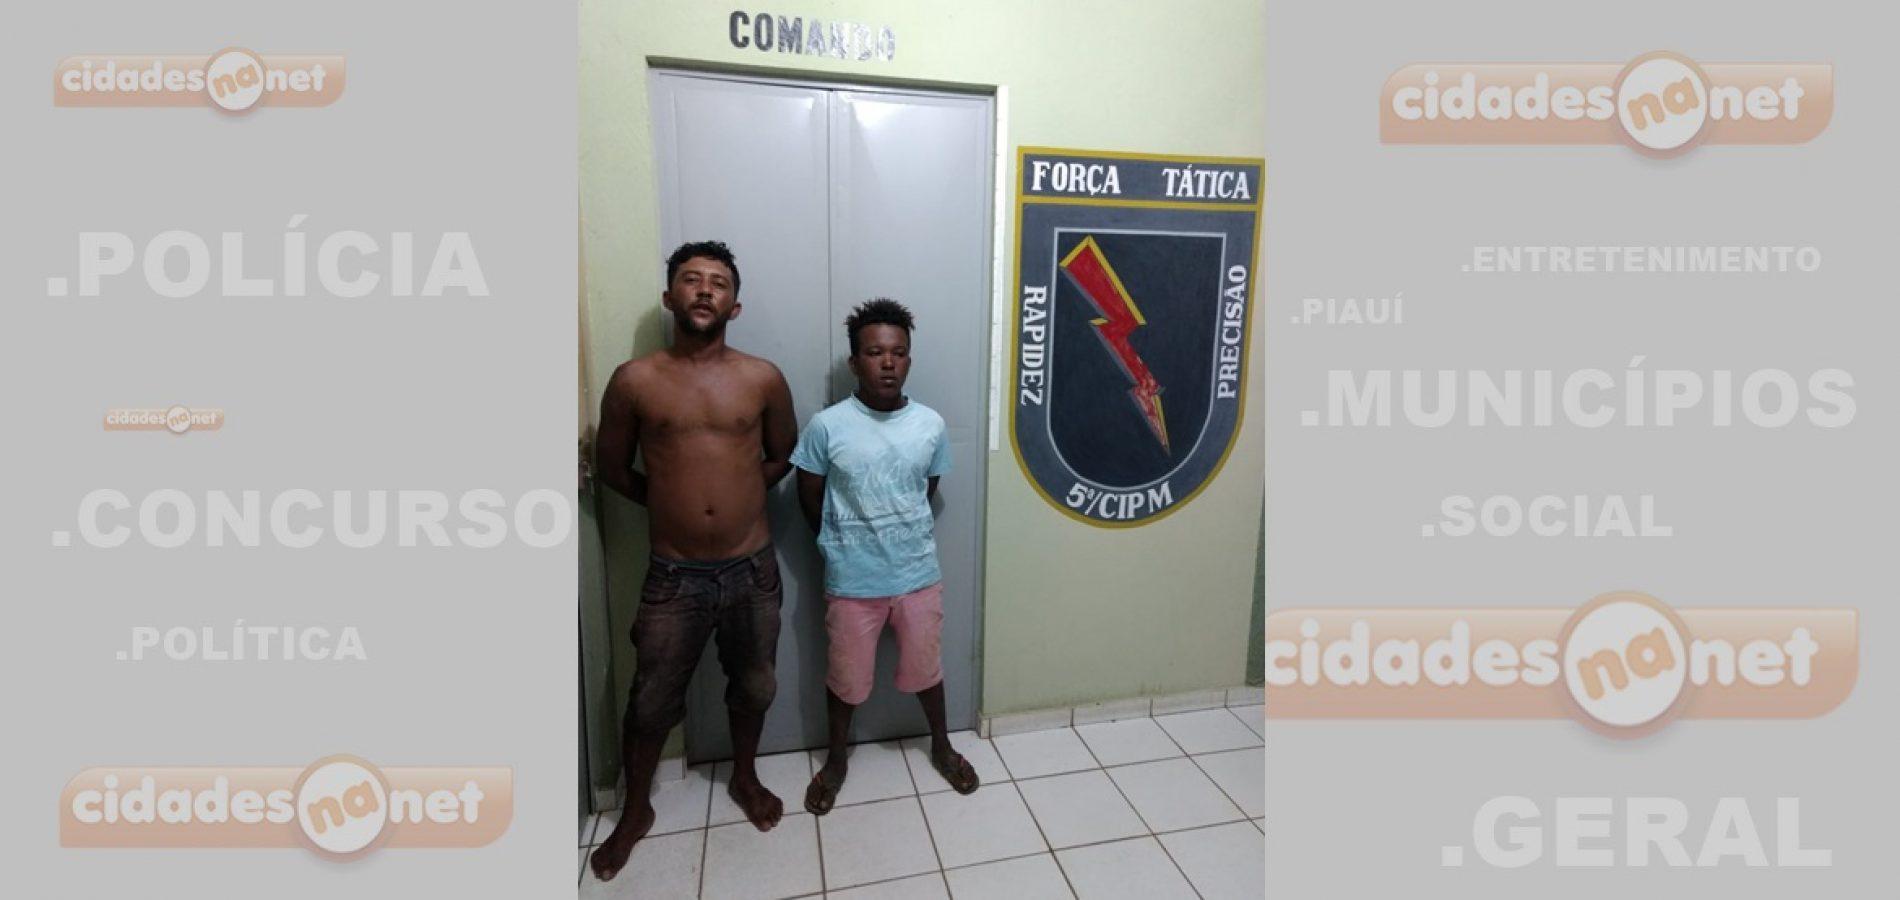 Força Tática de Paulistana prende dupla após tentativa de homicídio em bar